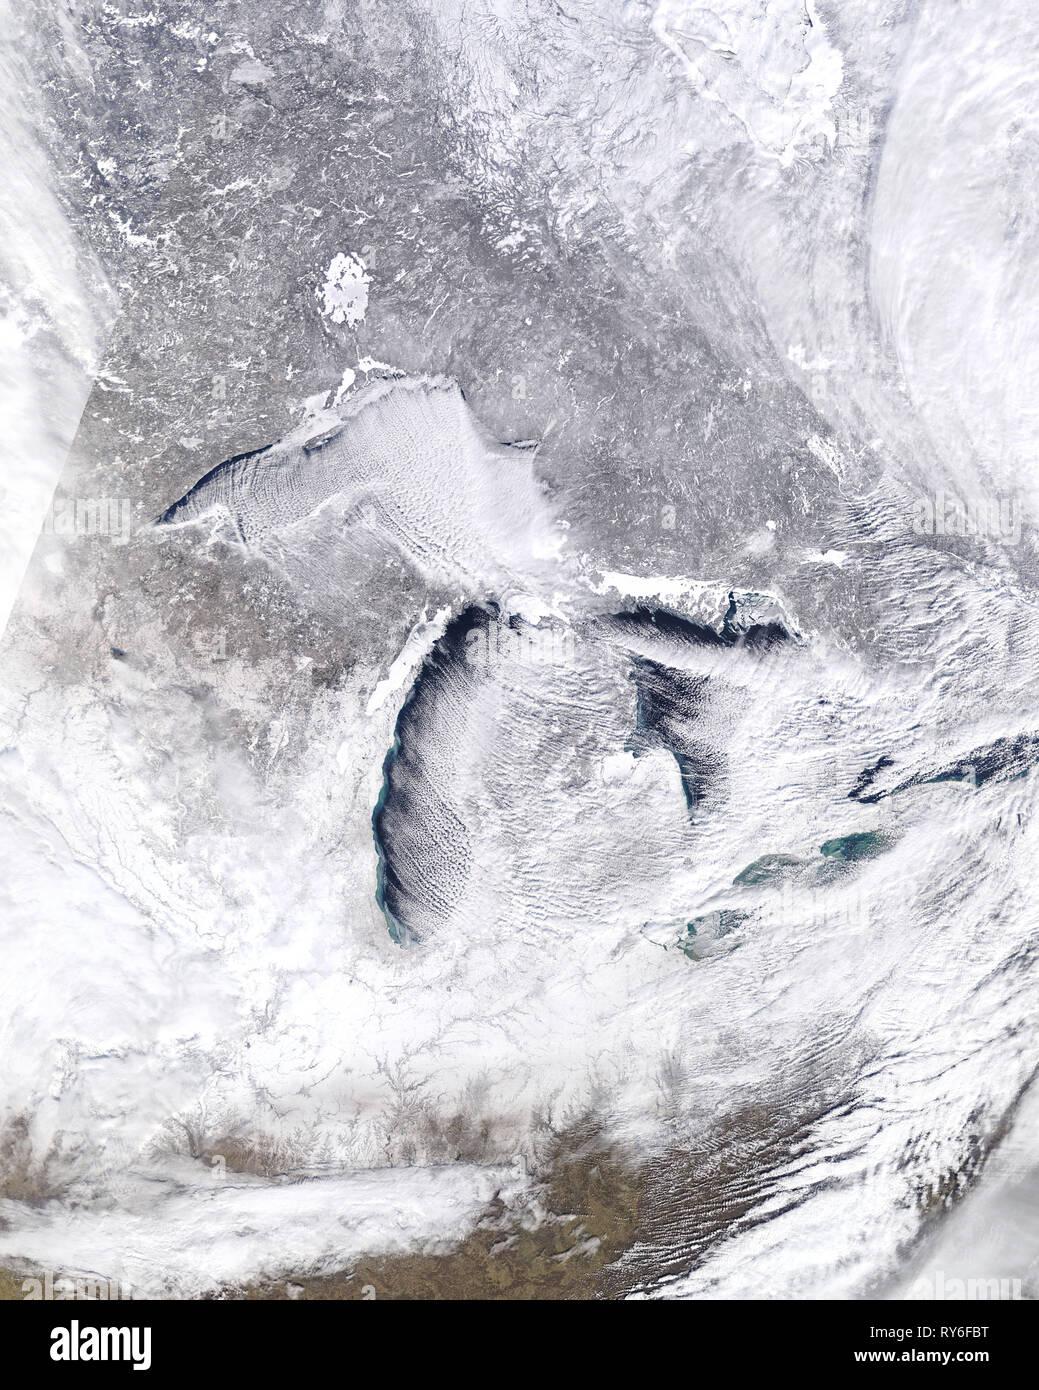 Immagine satellitare della Arctic Blast su gennaio 27, 2019. Risoluzione moderata Imaging Spectroradiometer (dello spettroradiometro MODIS), Terra satellite, la NASA Immagini Stock